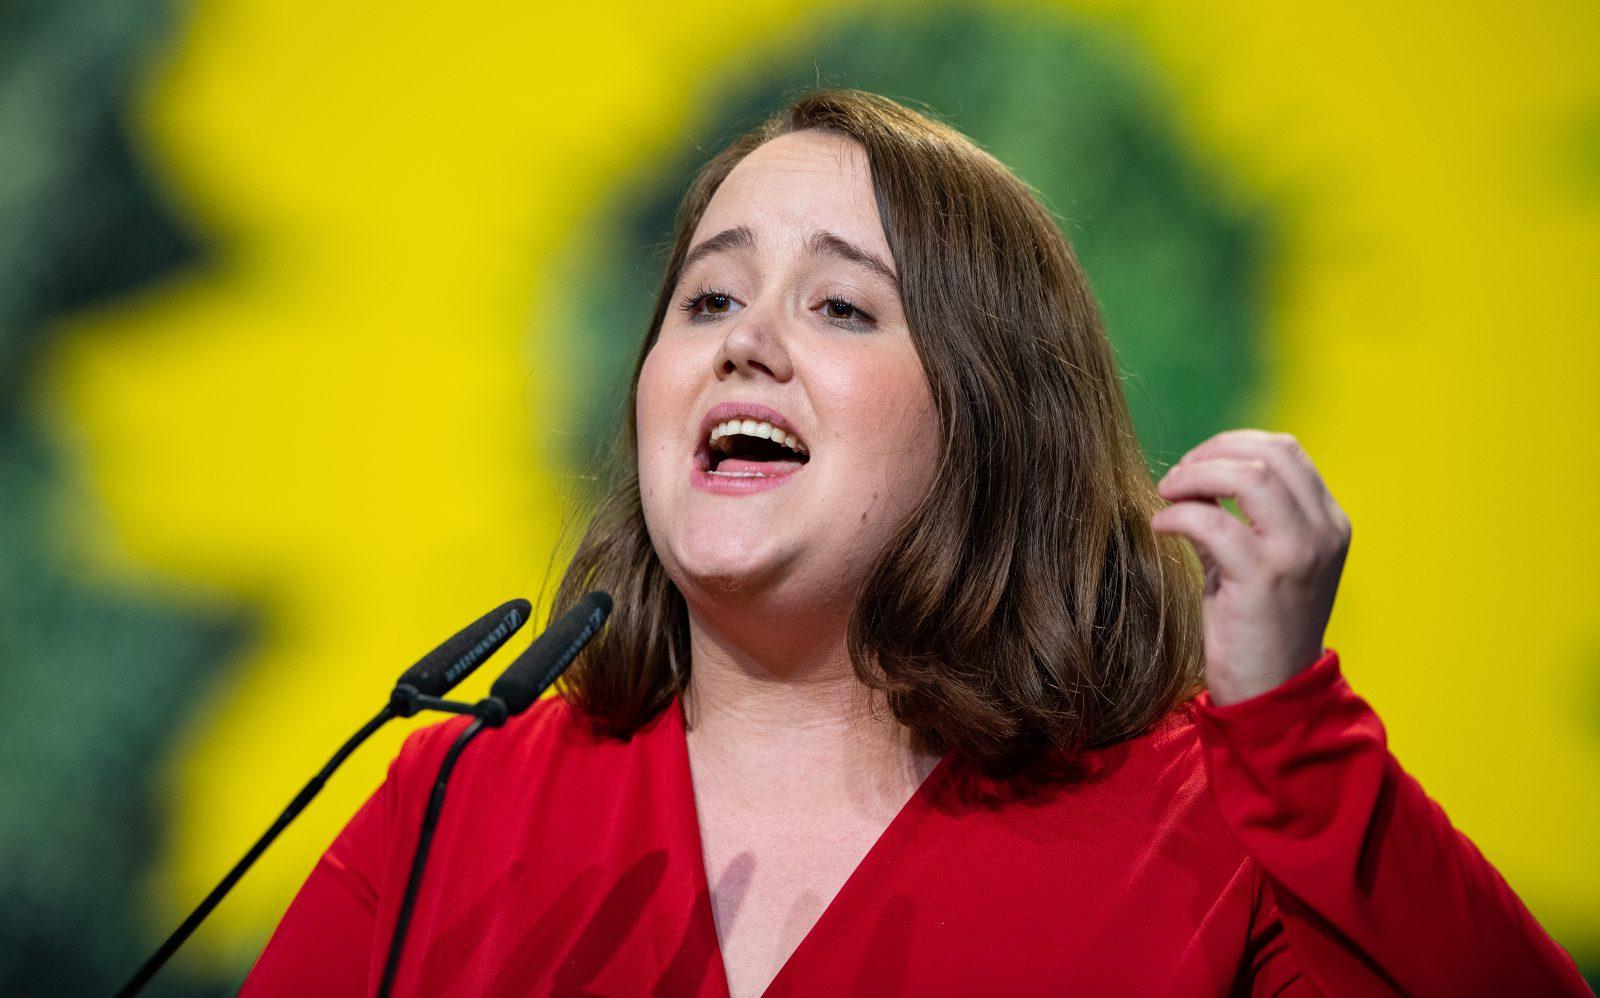 Die Vize-Vorsitzende der Grünen, Ricarda Lang, macht die AfD für Frauenhaß im Internet verantwortlich Foto: picture alliance/Guido Kirchner/dpa